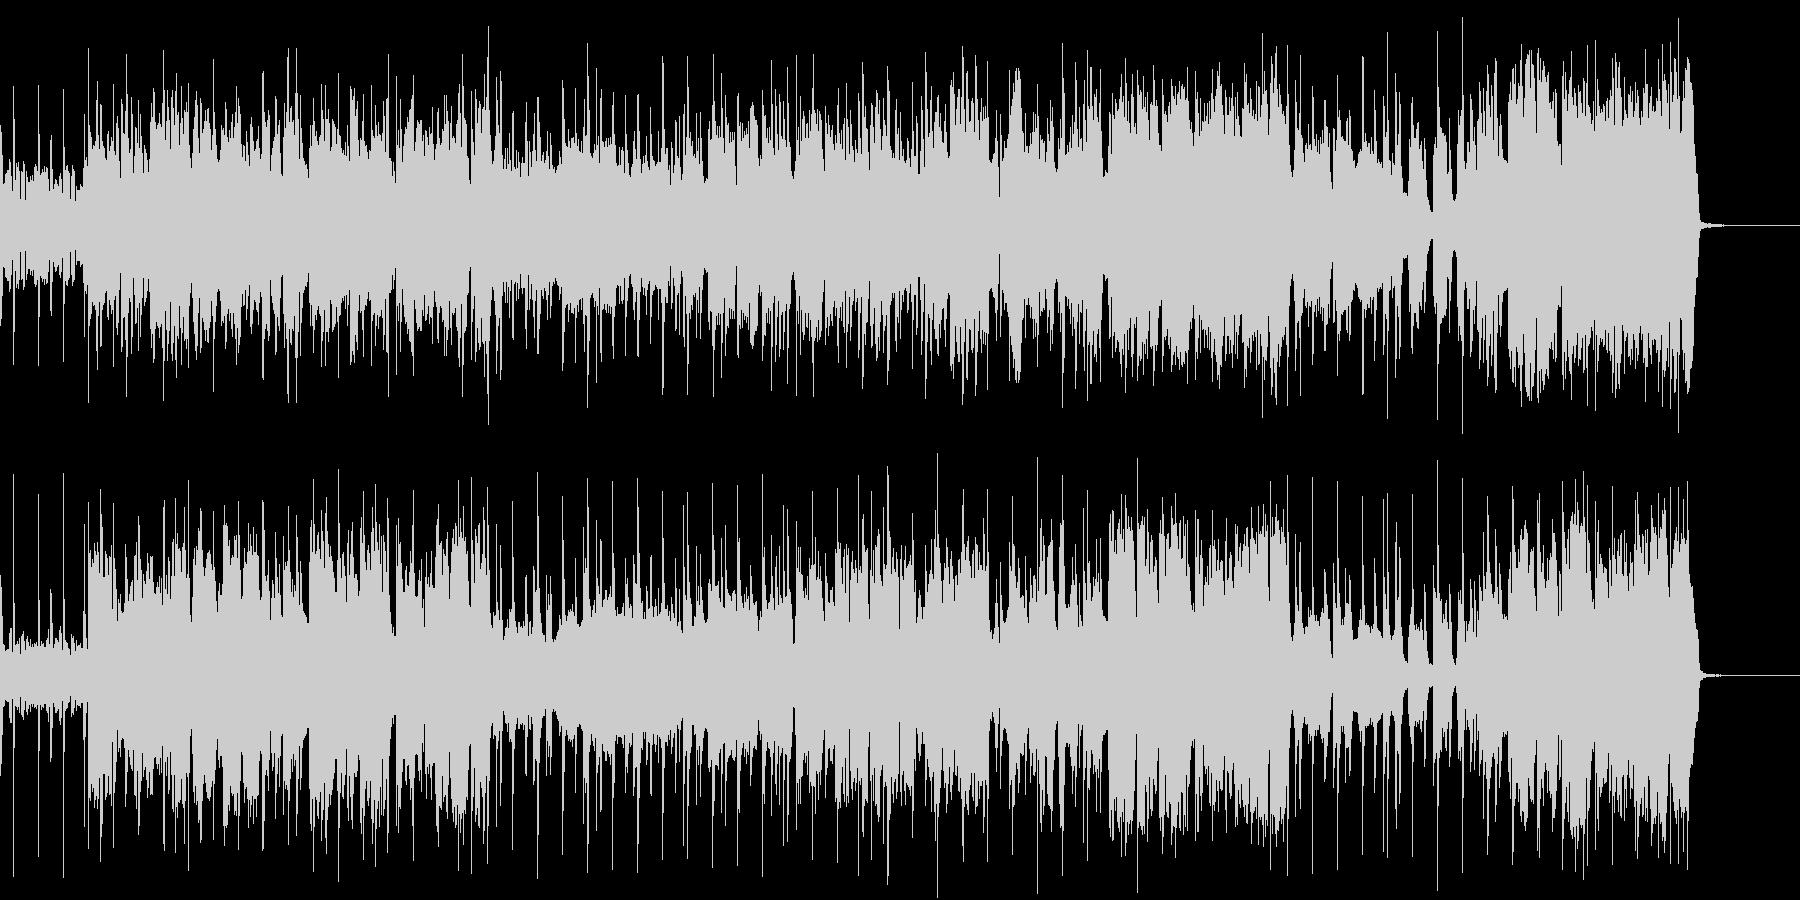 ほのぼのでノリがいいポップなフルート曲の未再生の波形